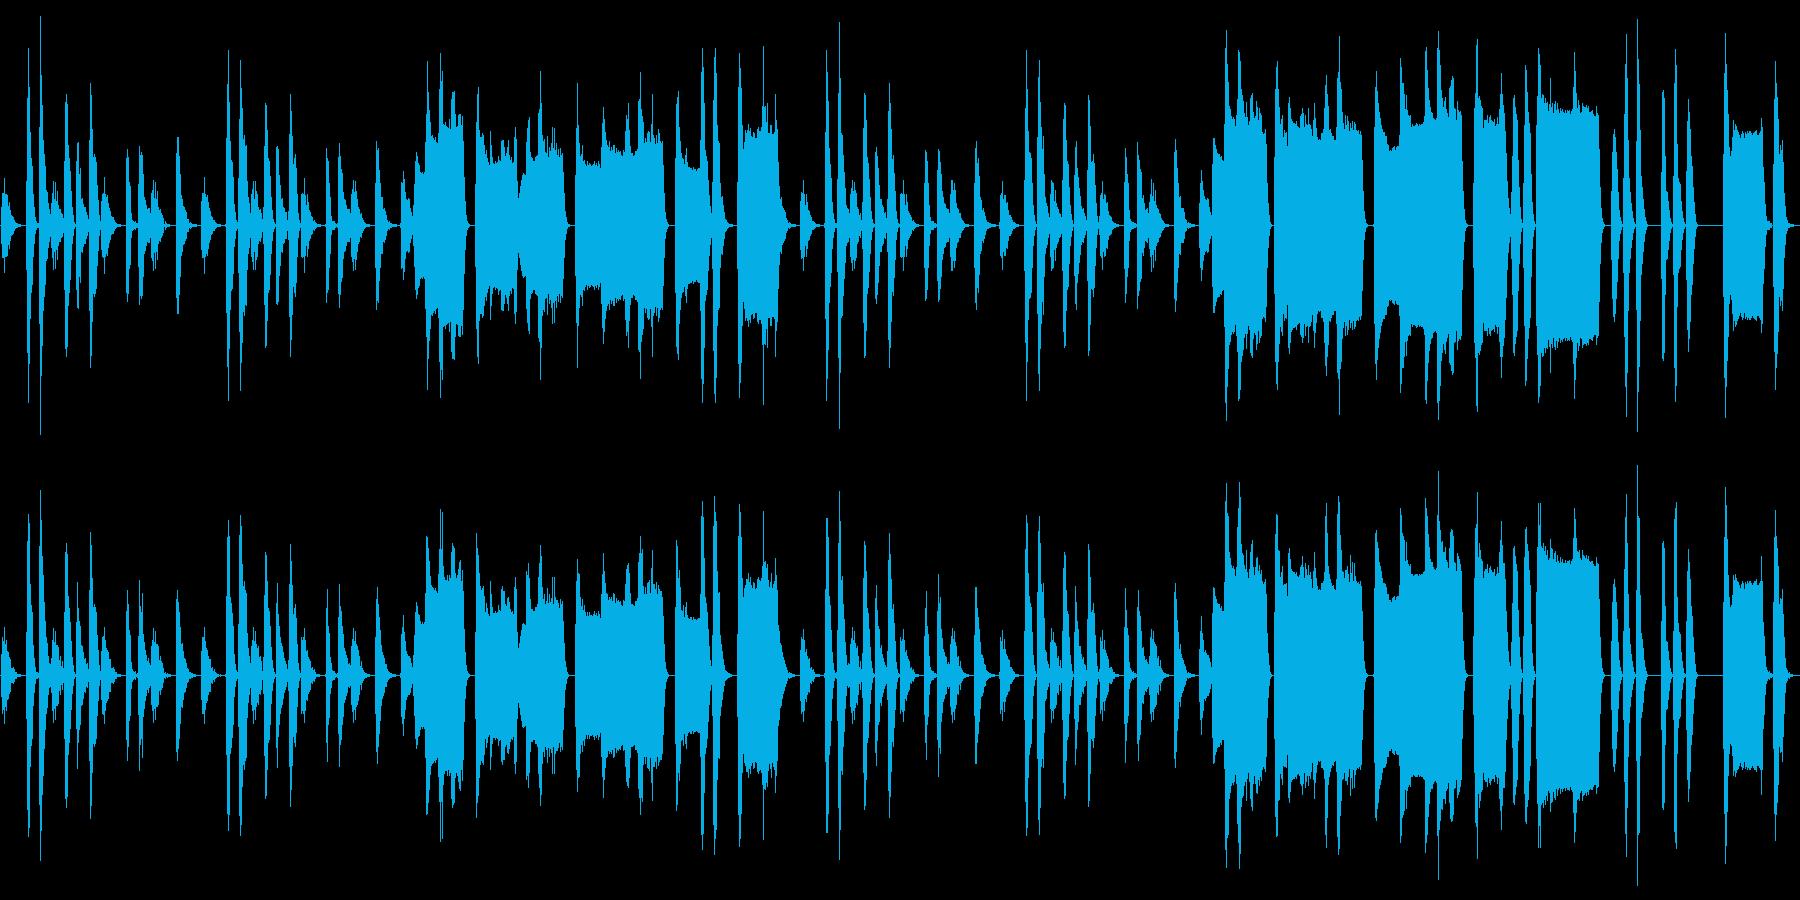 【ループ】間の抜けた雰囲気のコミカルな曲の再生済みの波形